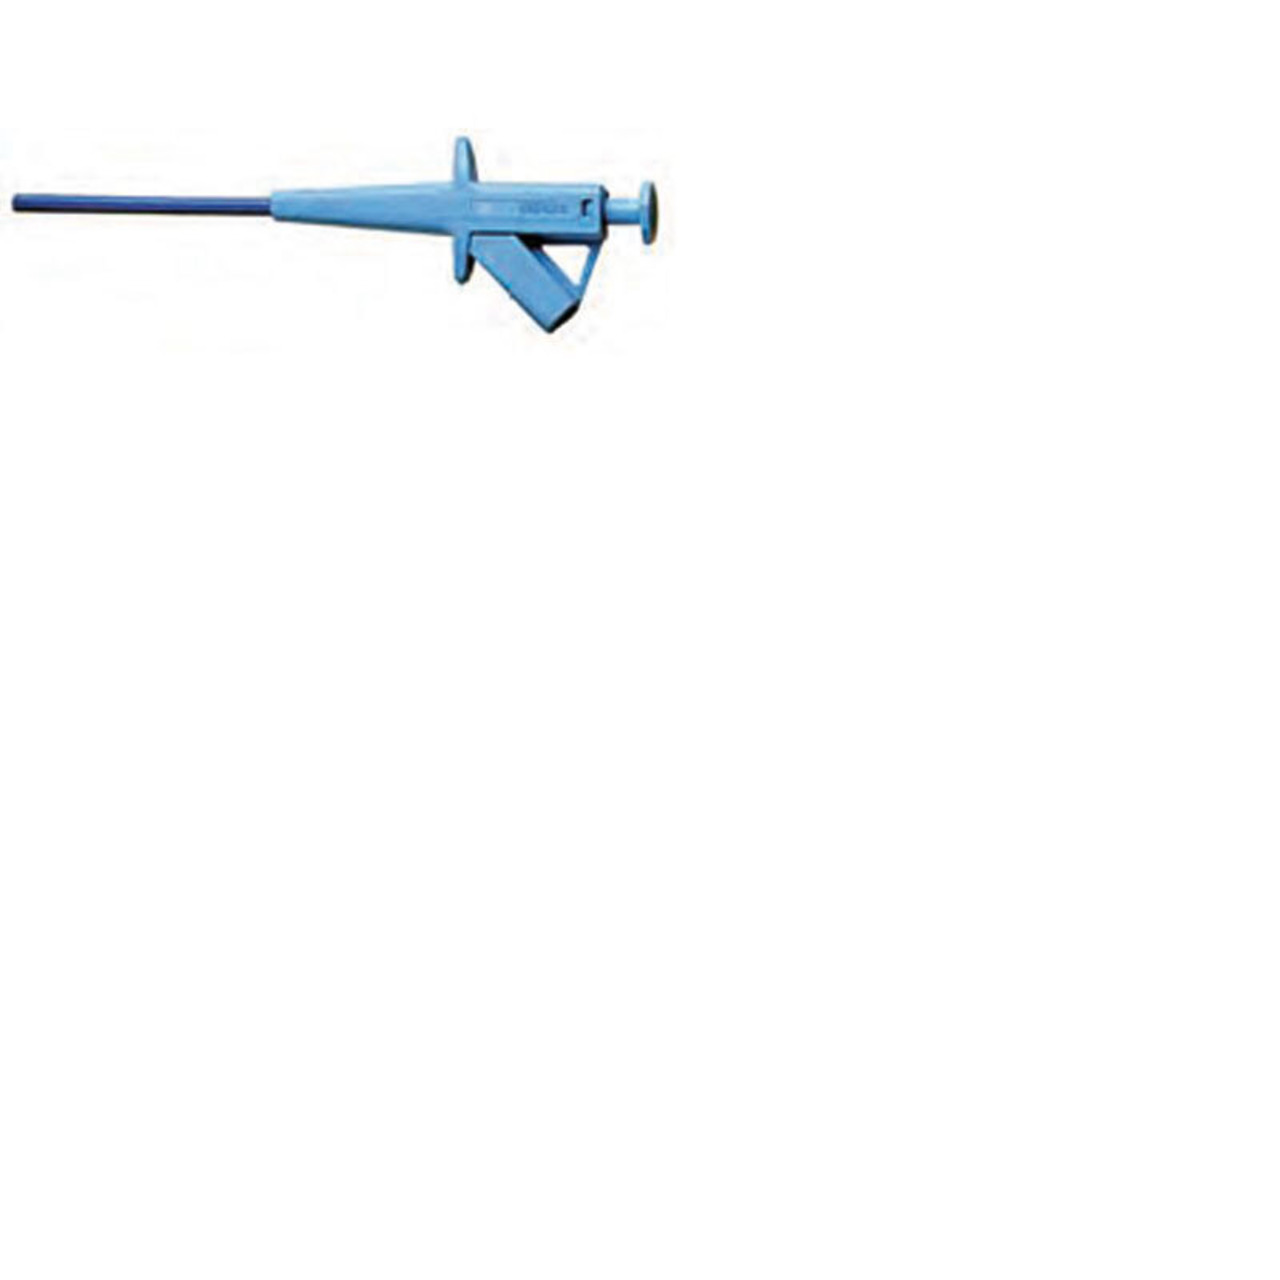 Sicherheits-Klammergreifer SKPS-4- schwarz- 4 mm